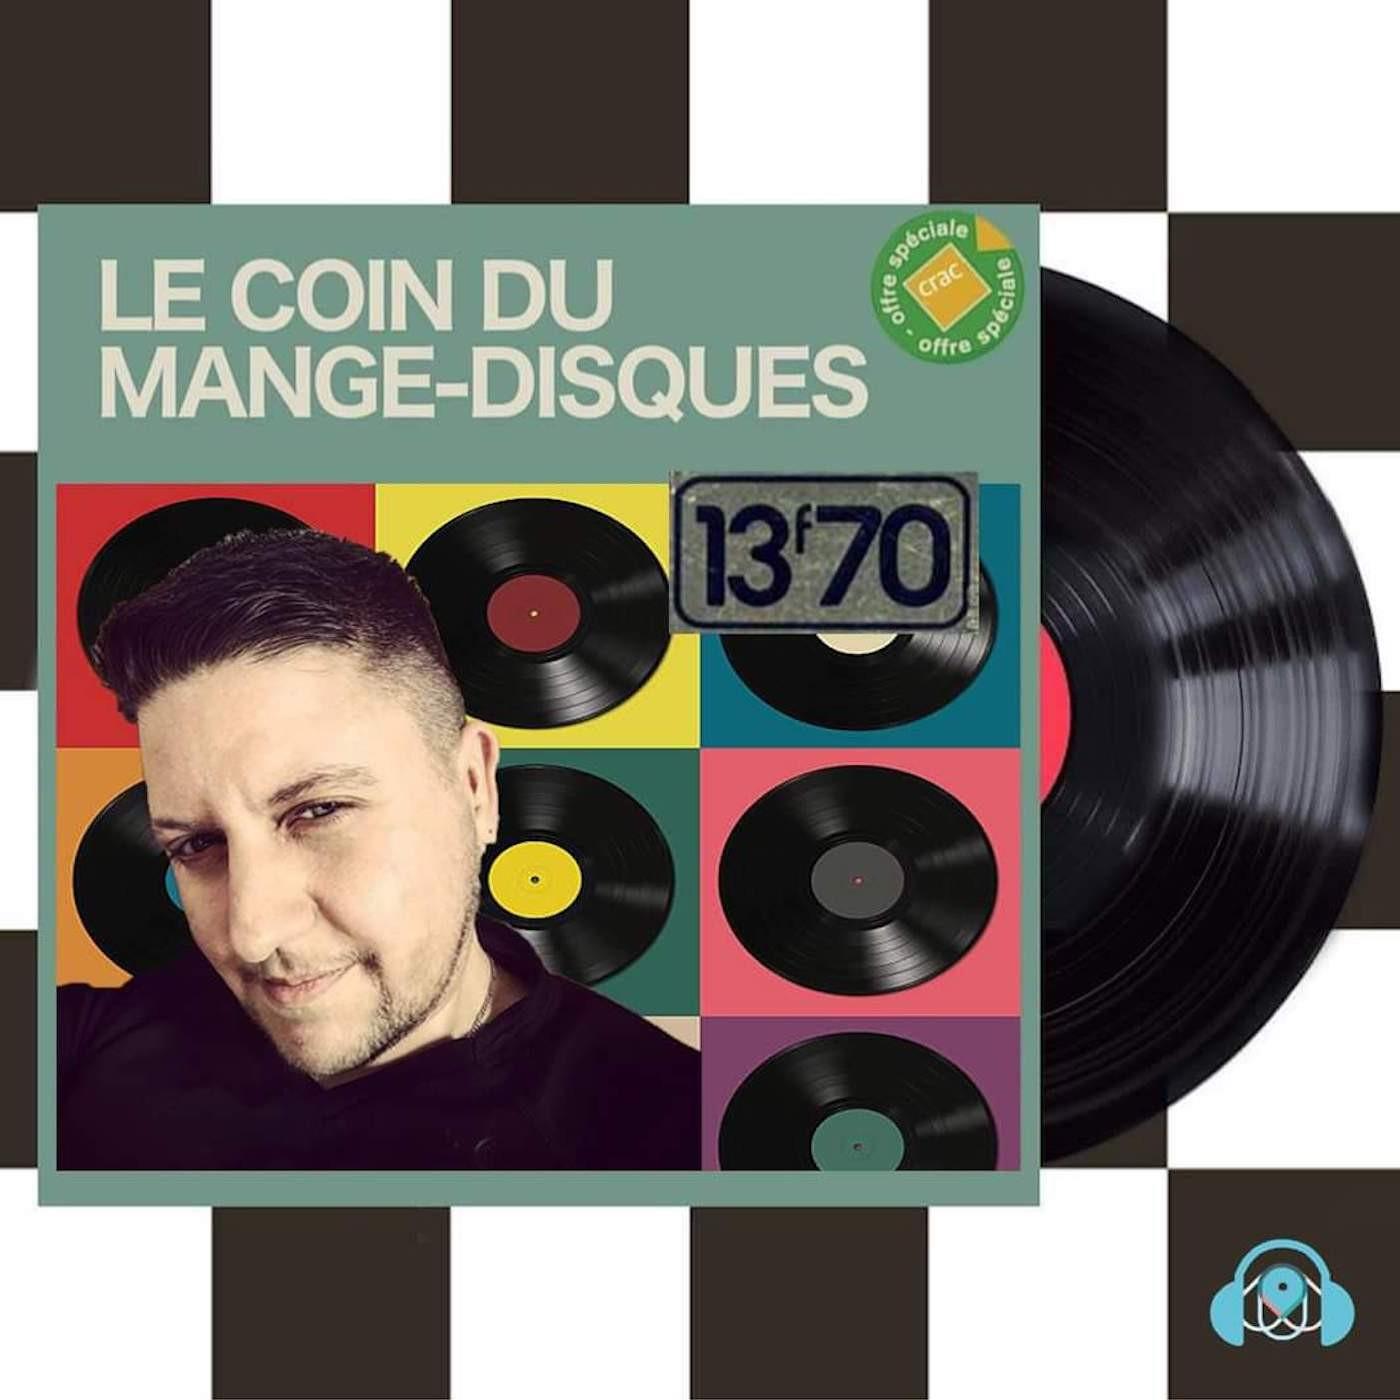 LE COIN DU MANGE-DISQUES S1E4 - Découvertes usées sur le mange-disques en 2020